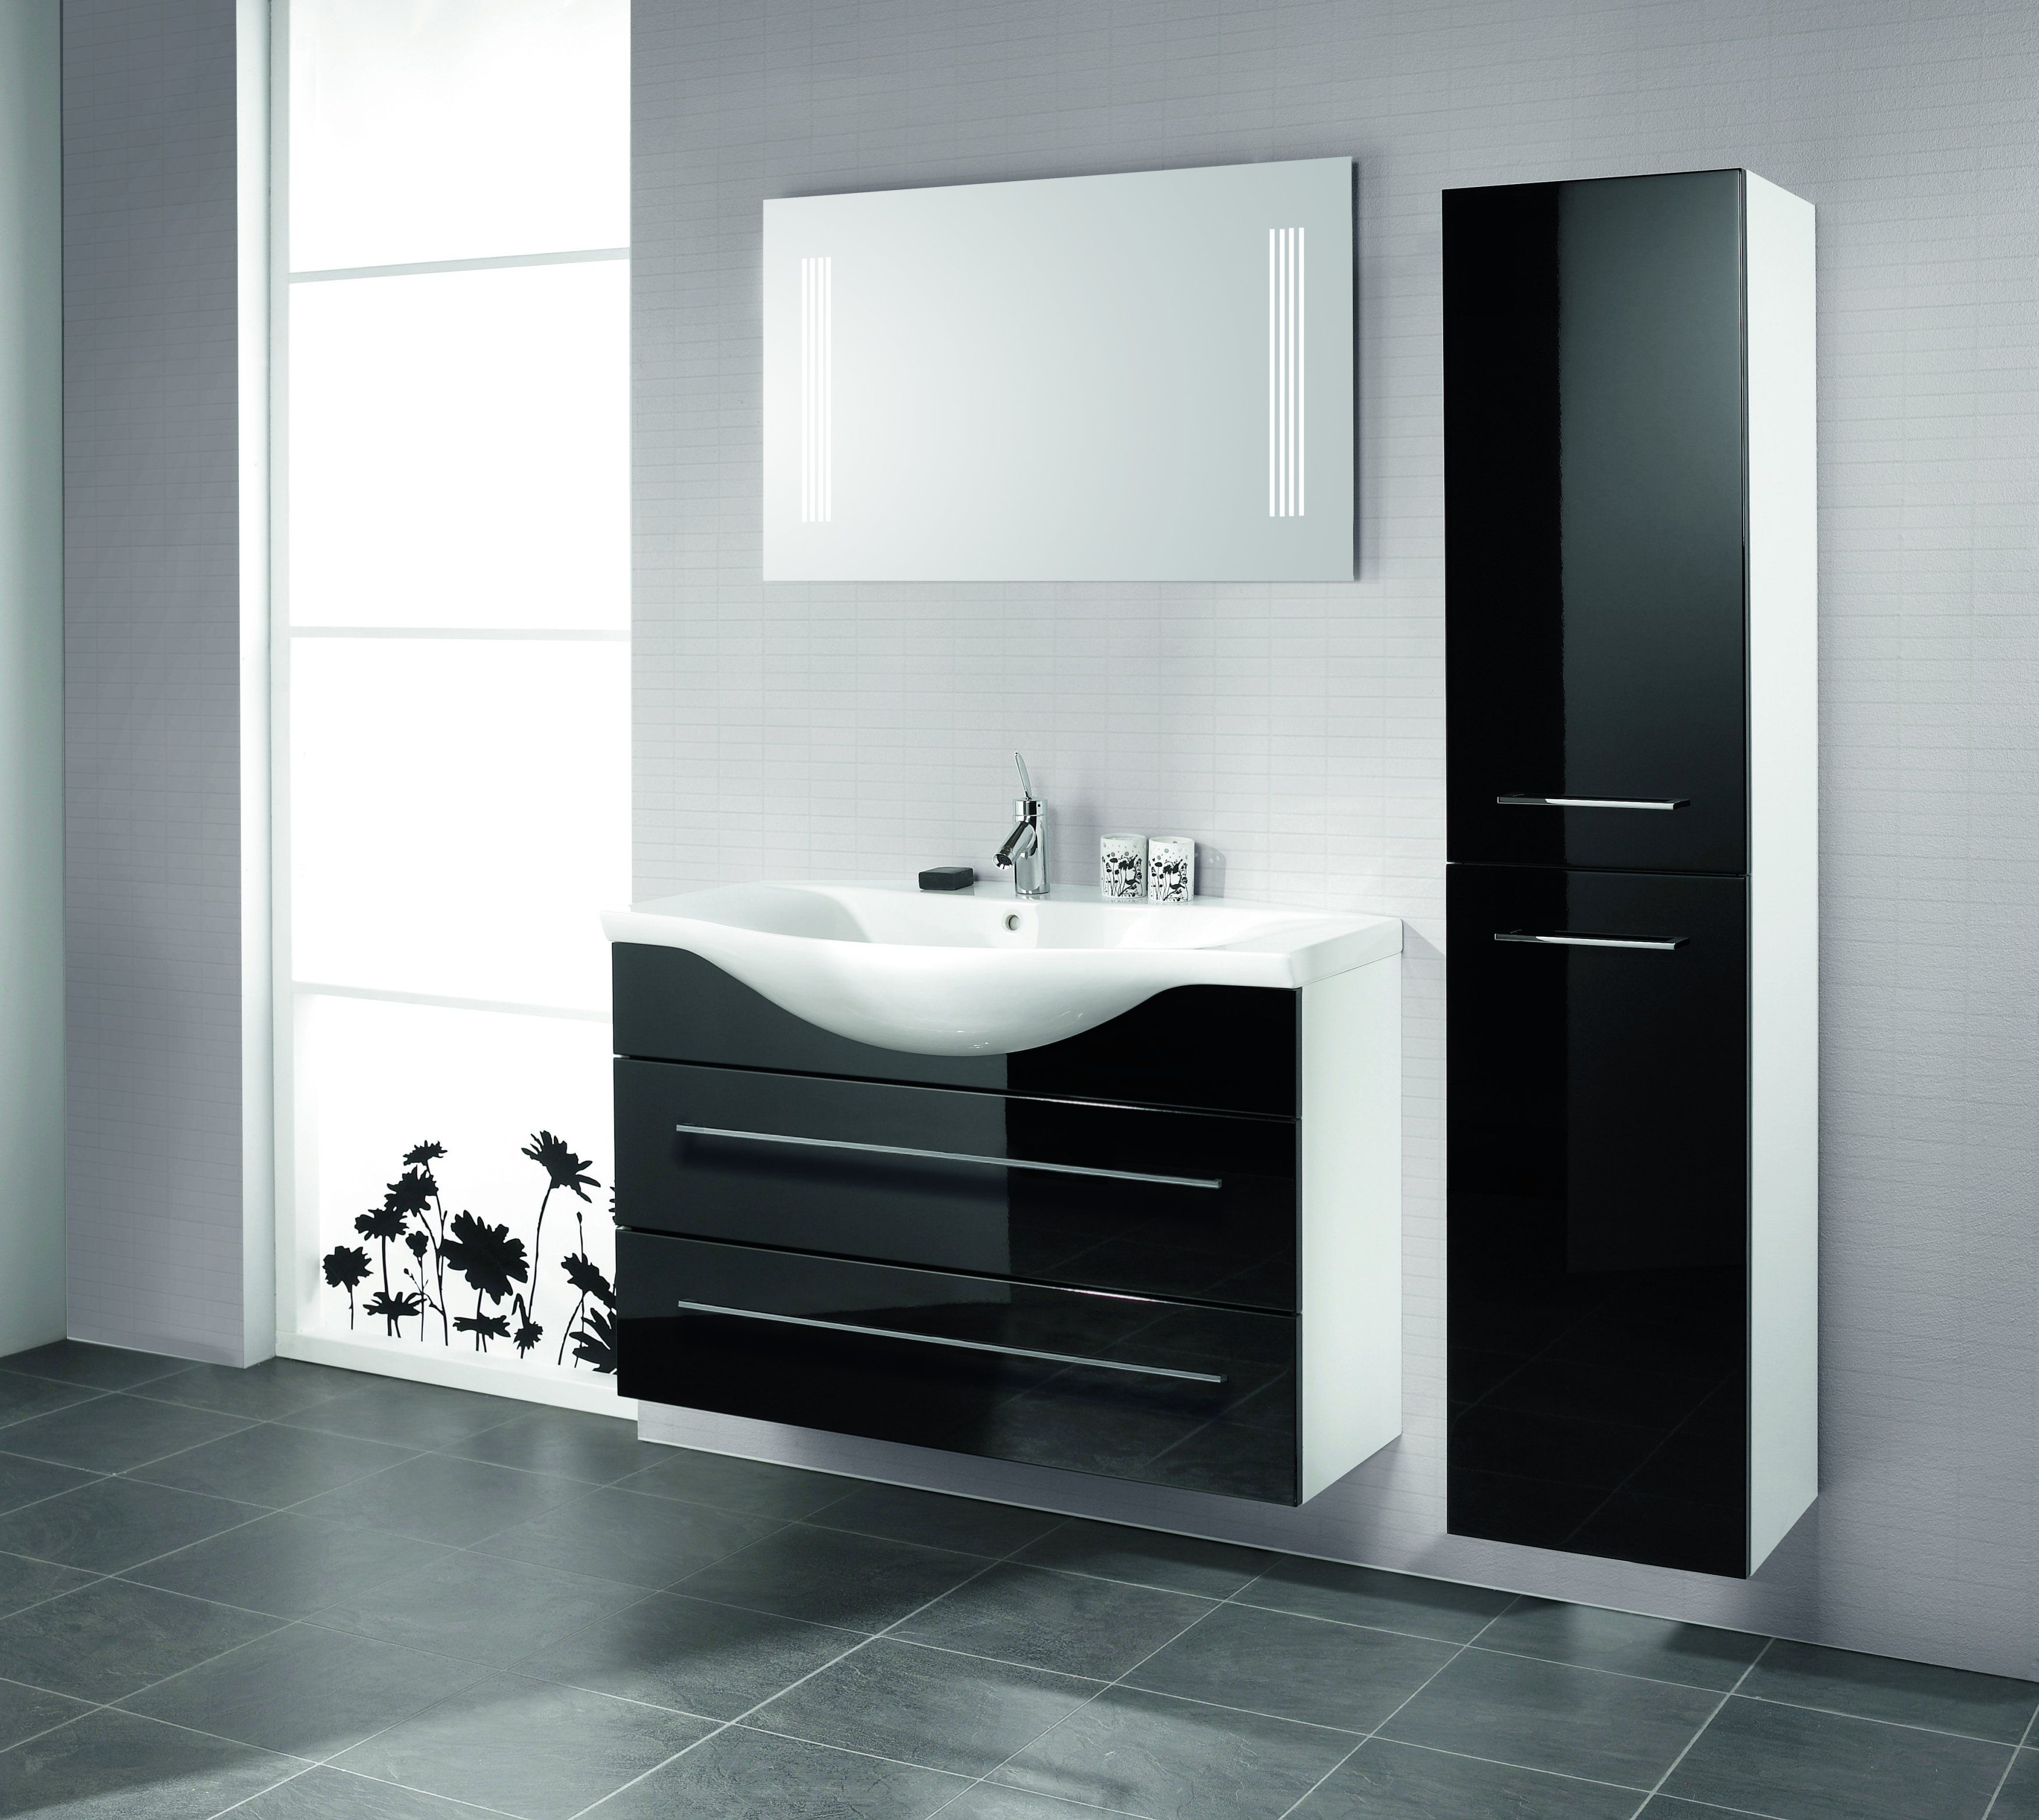 Bathroom storage design ideas minimal google 검색 bathroom idea